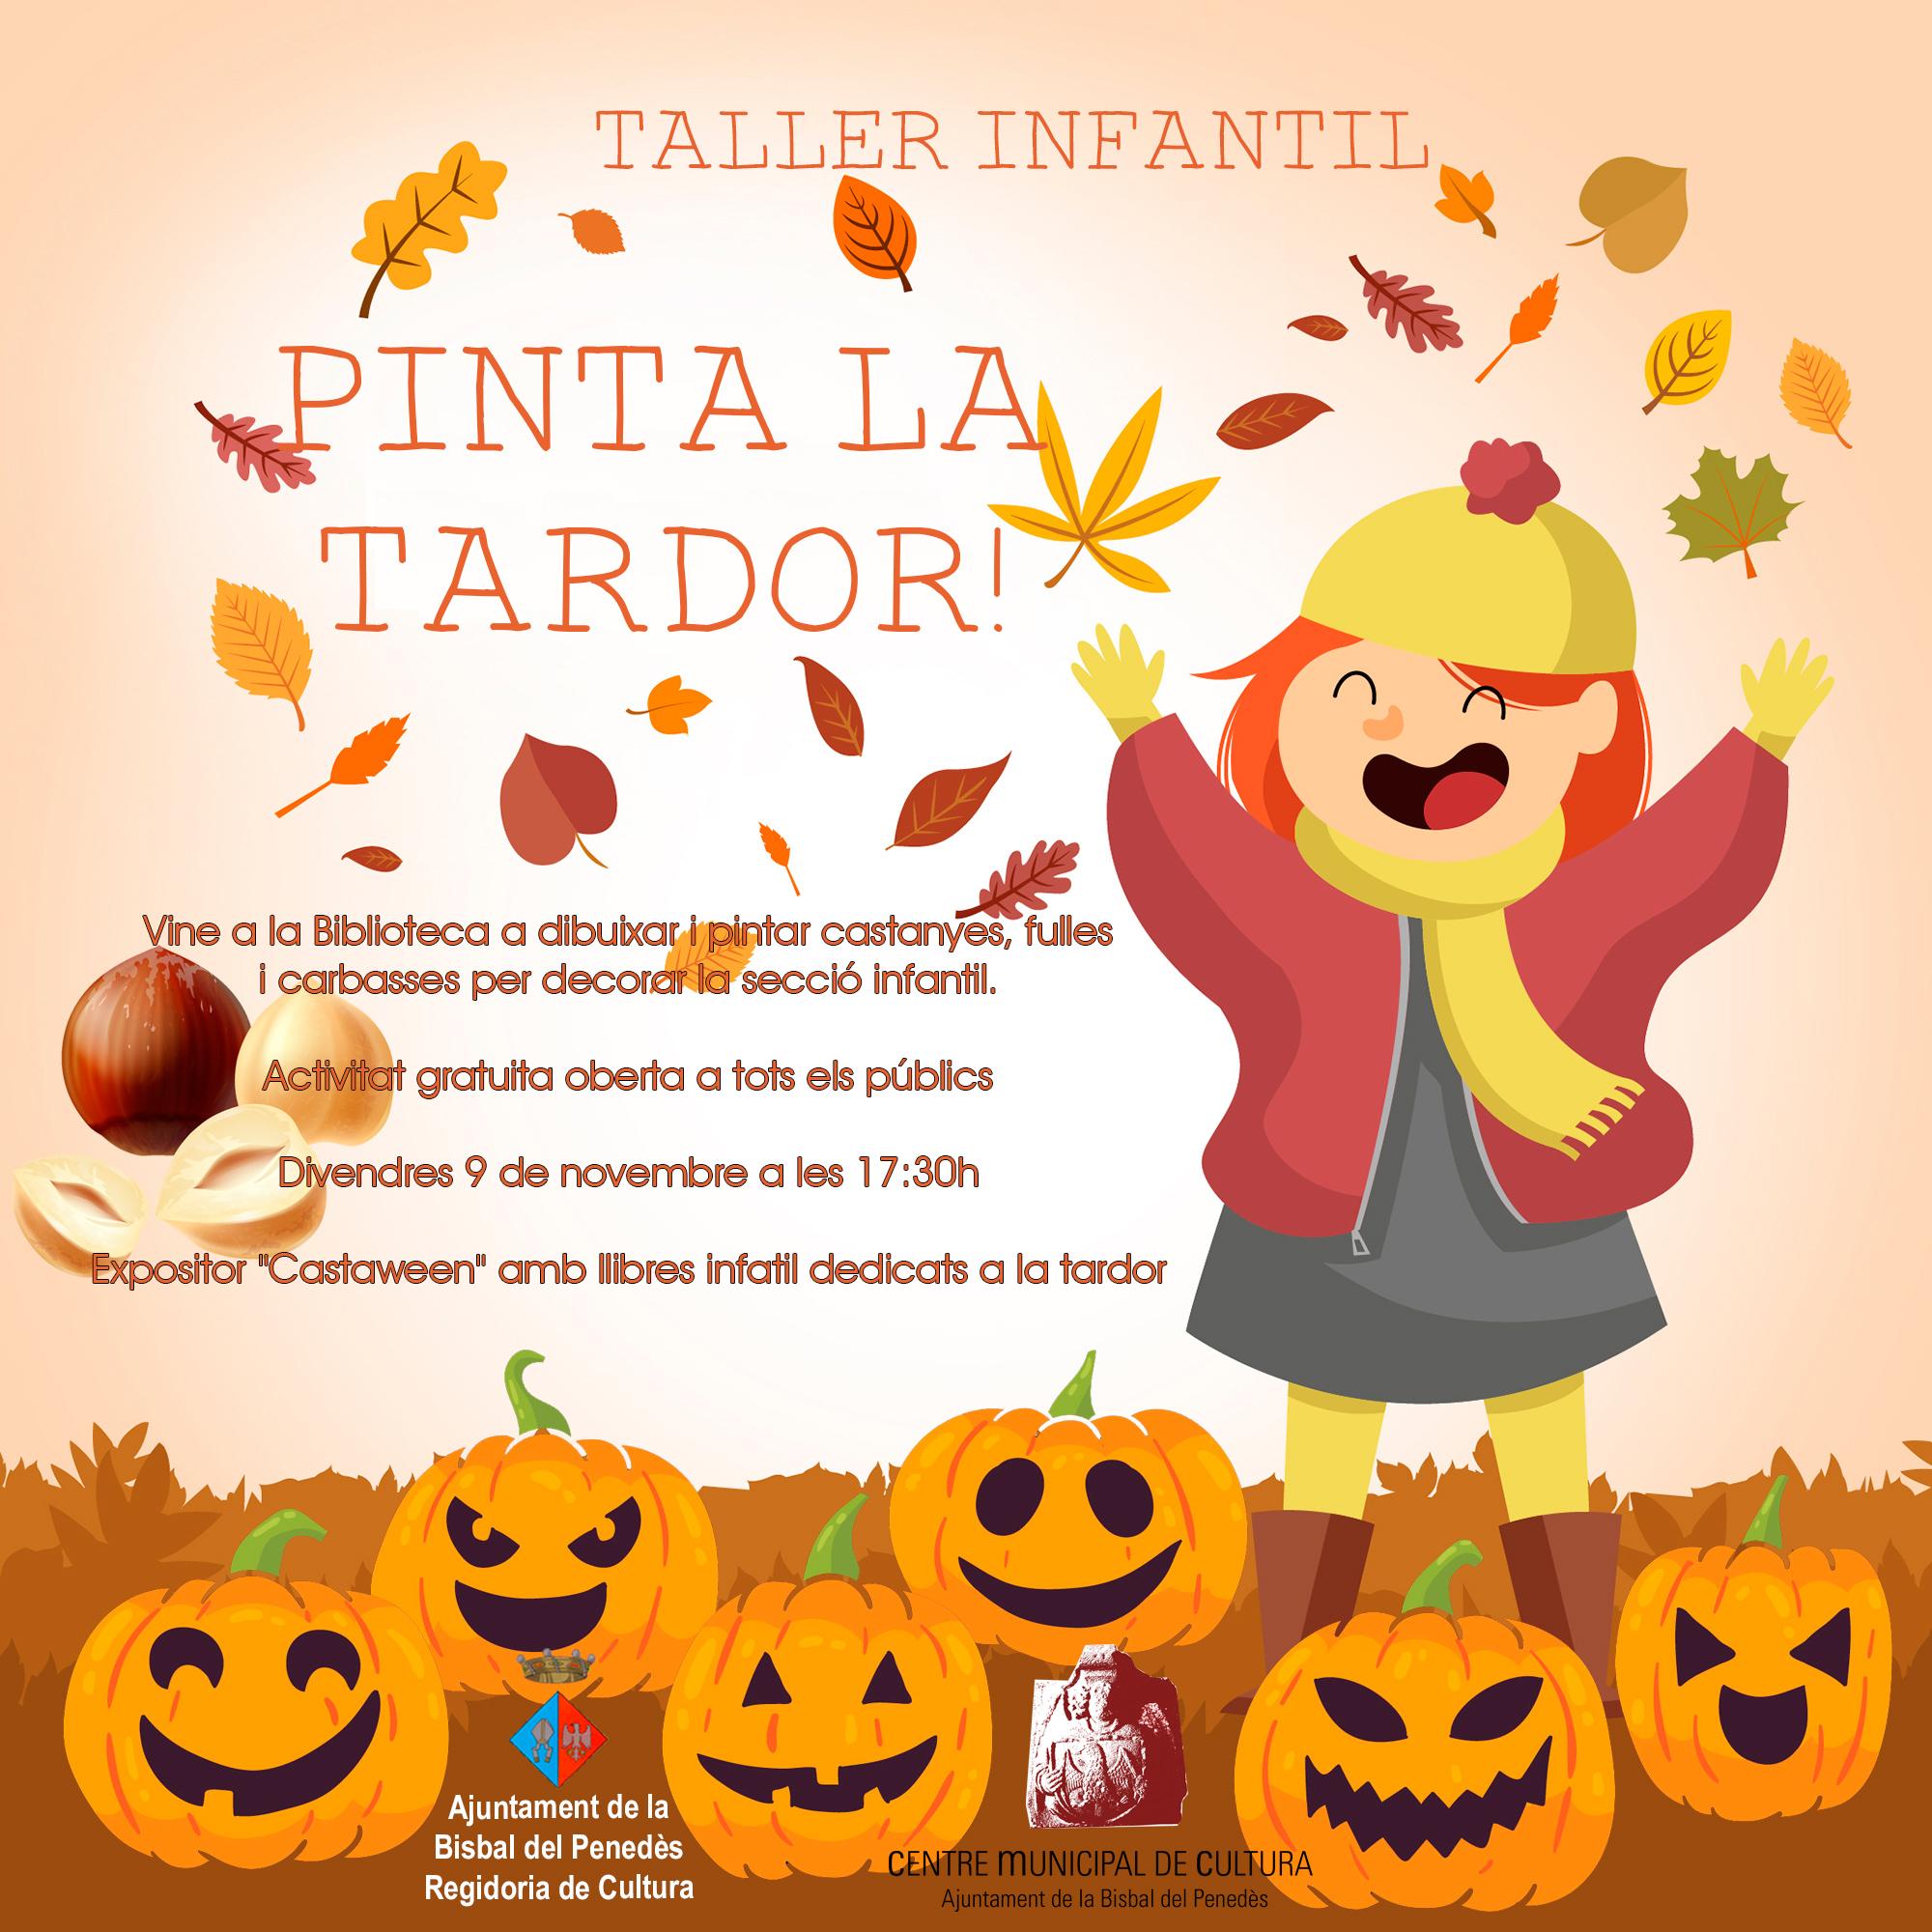 El divendres 9 de novembre no et perdis el taller infantil 'Pinta la tardor!' que farem a la Biblioteca